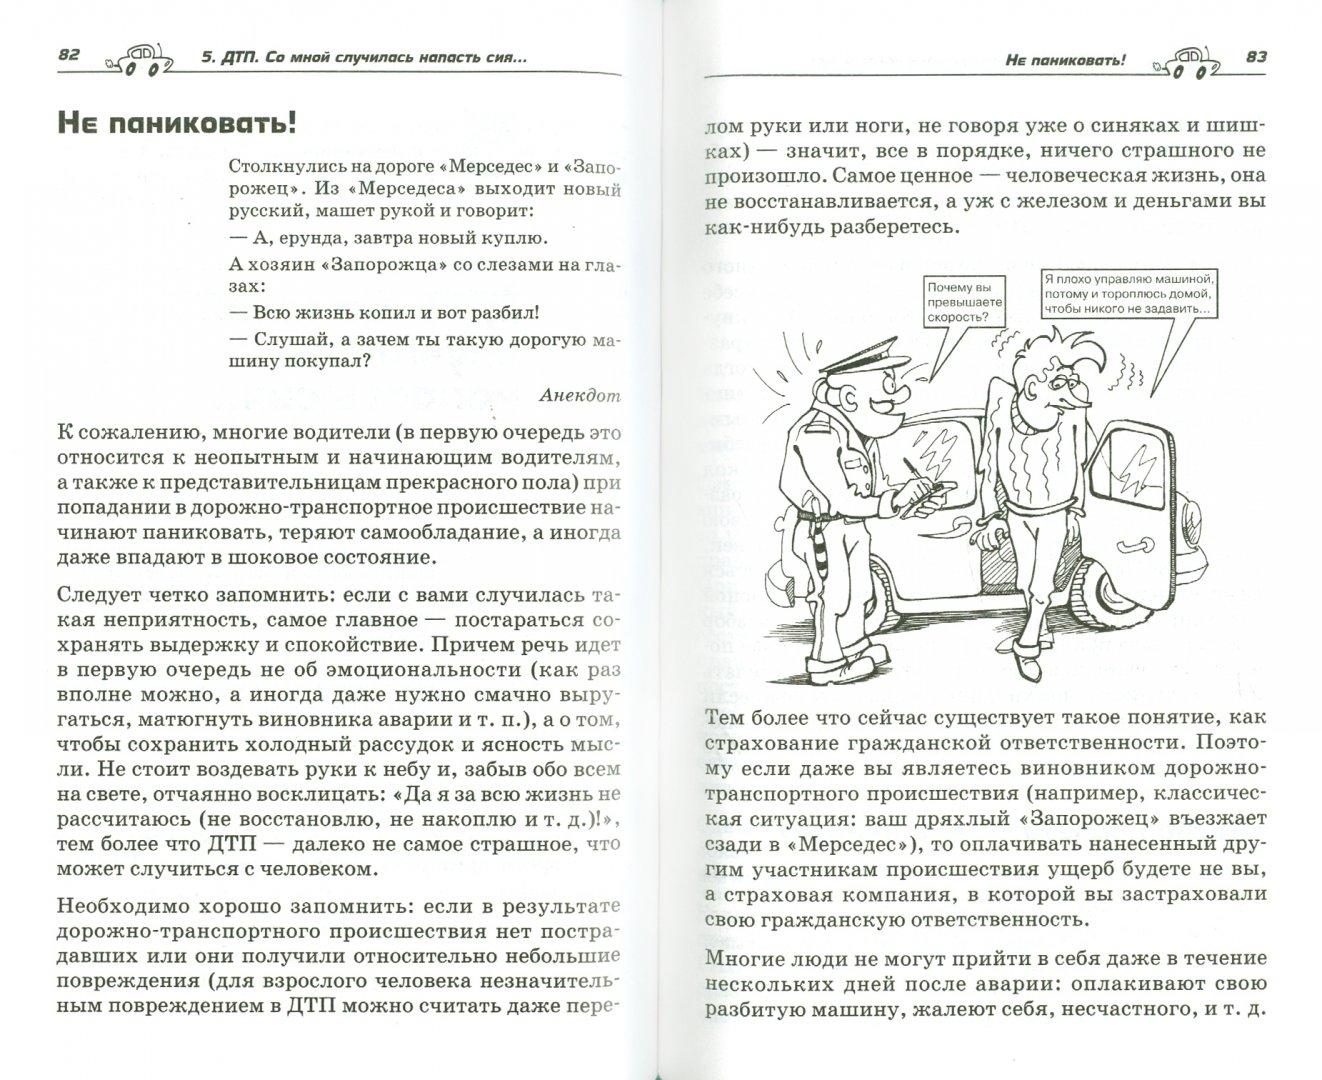 Иллюстрация 1 из 9 для Если вас остановил инспектор. Ваши права — 2011 - Шельмин, Гладкий | Лабиринт - книги. Источник: Лабиринт